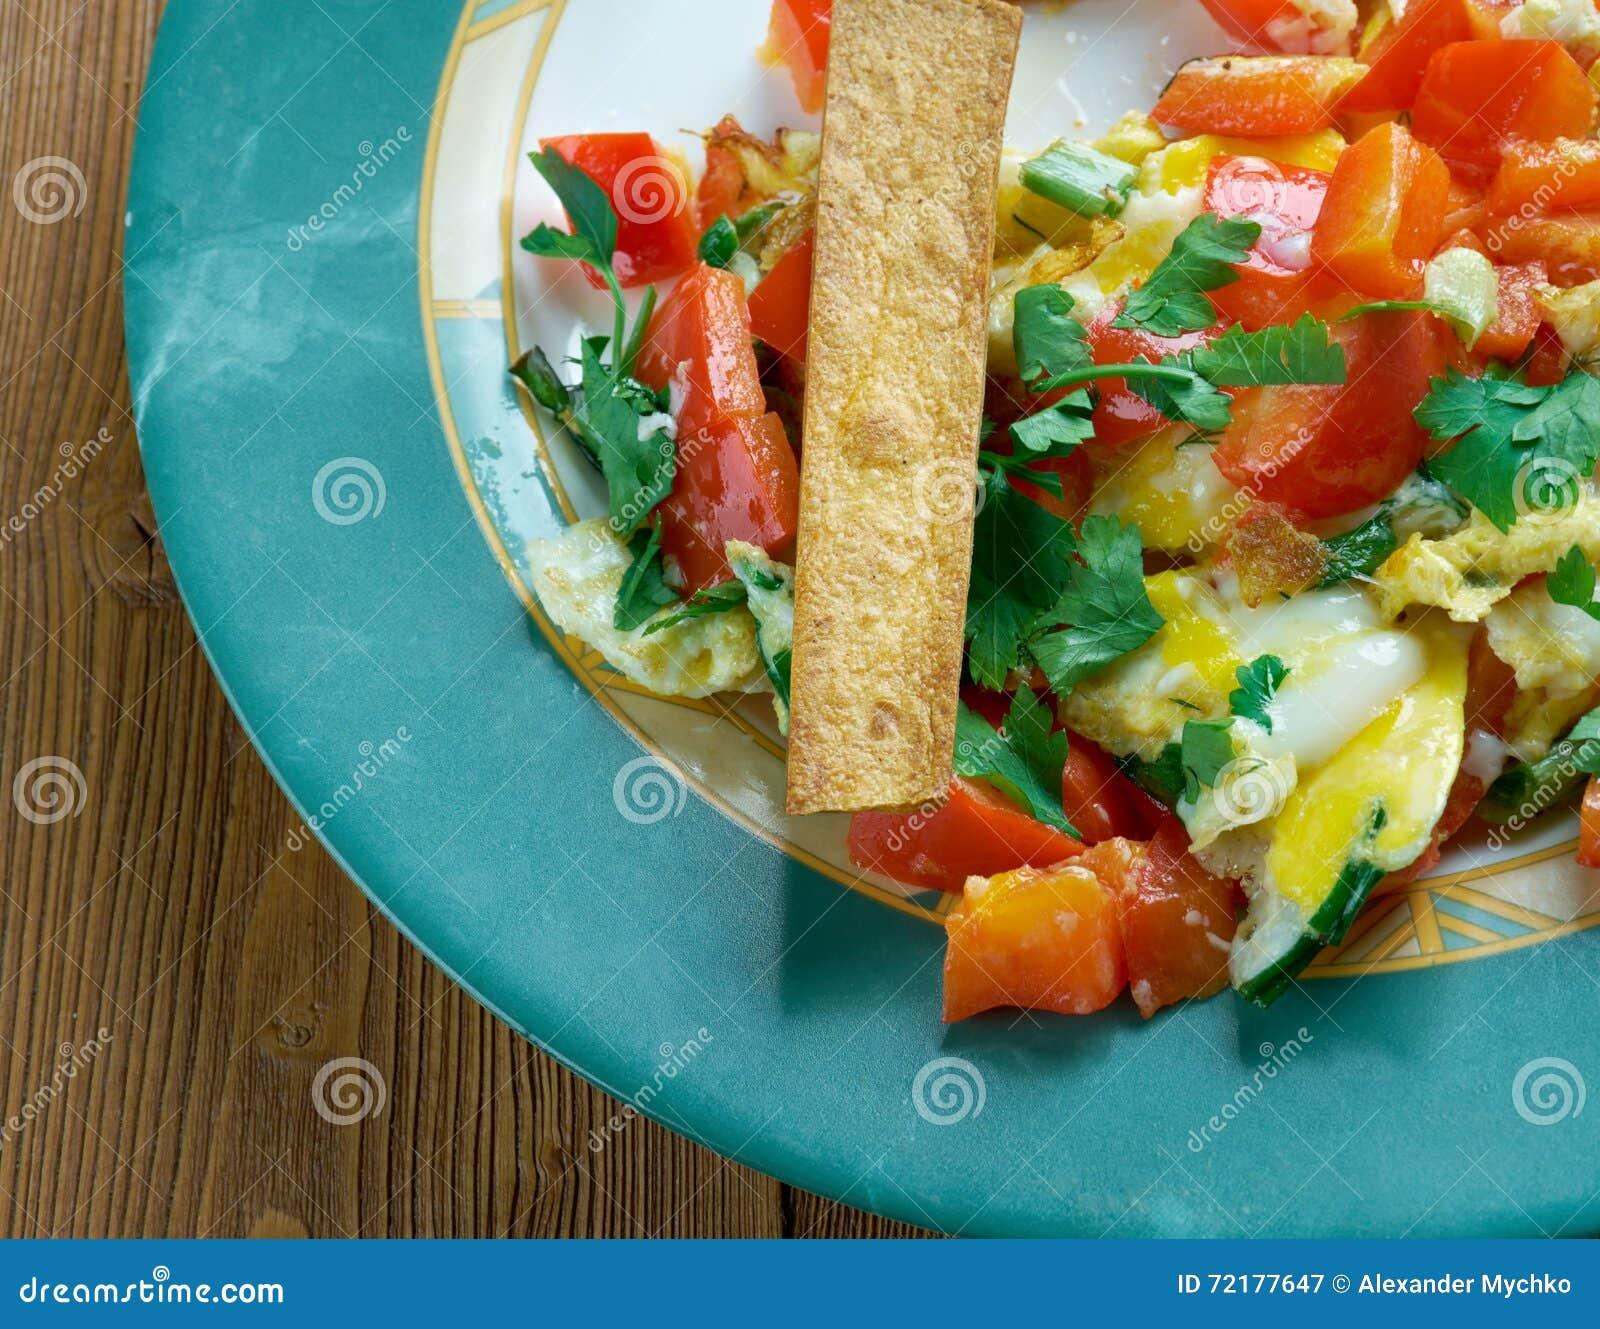 Küche Migas Tex-Mex stockbild. Bild von mais, tomaten - 72177647